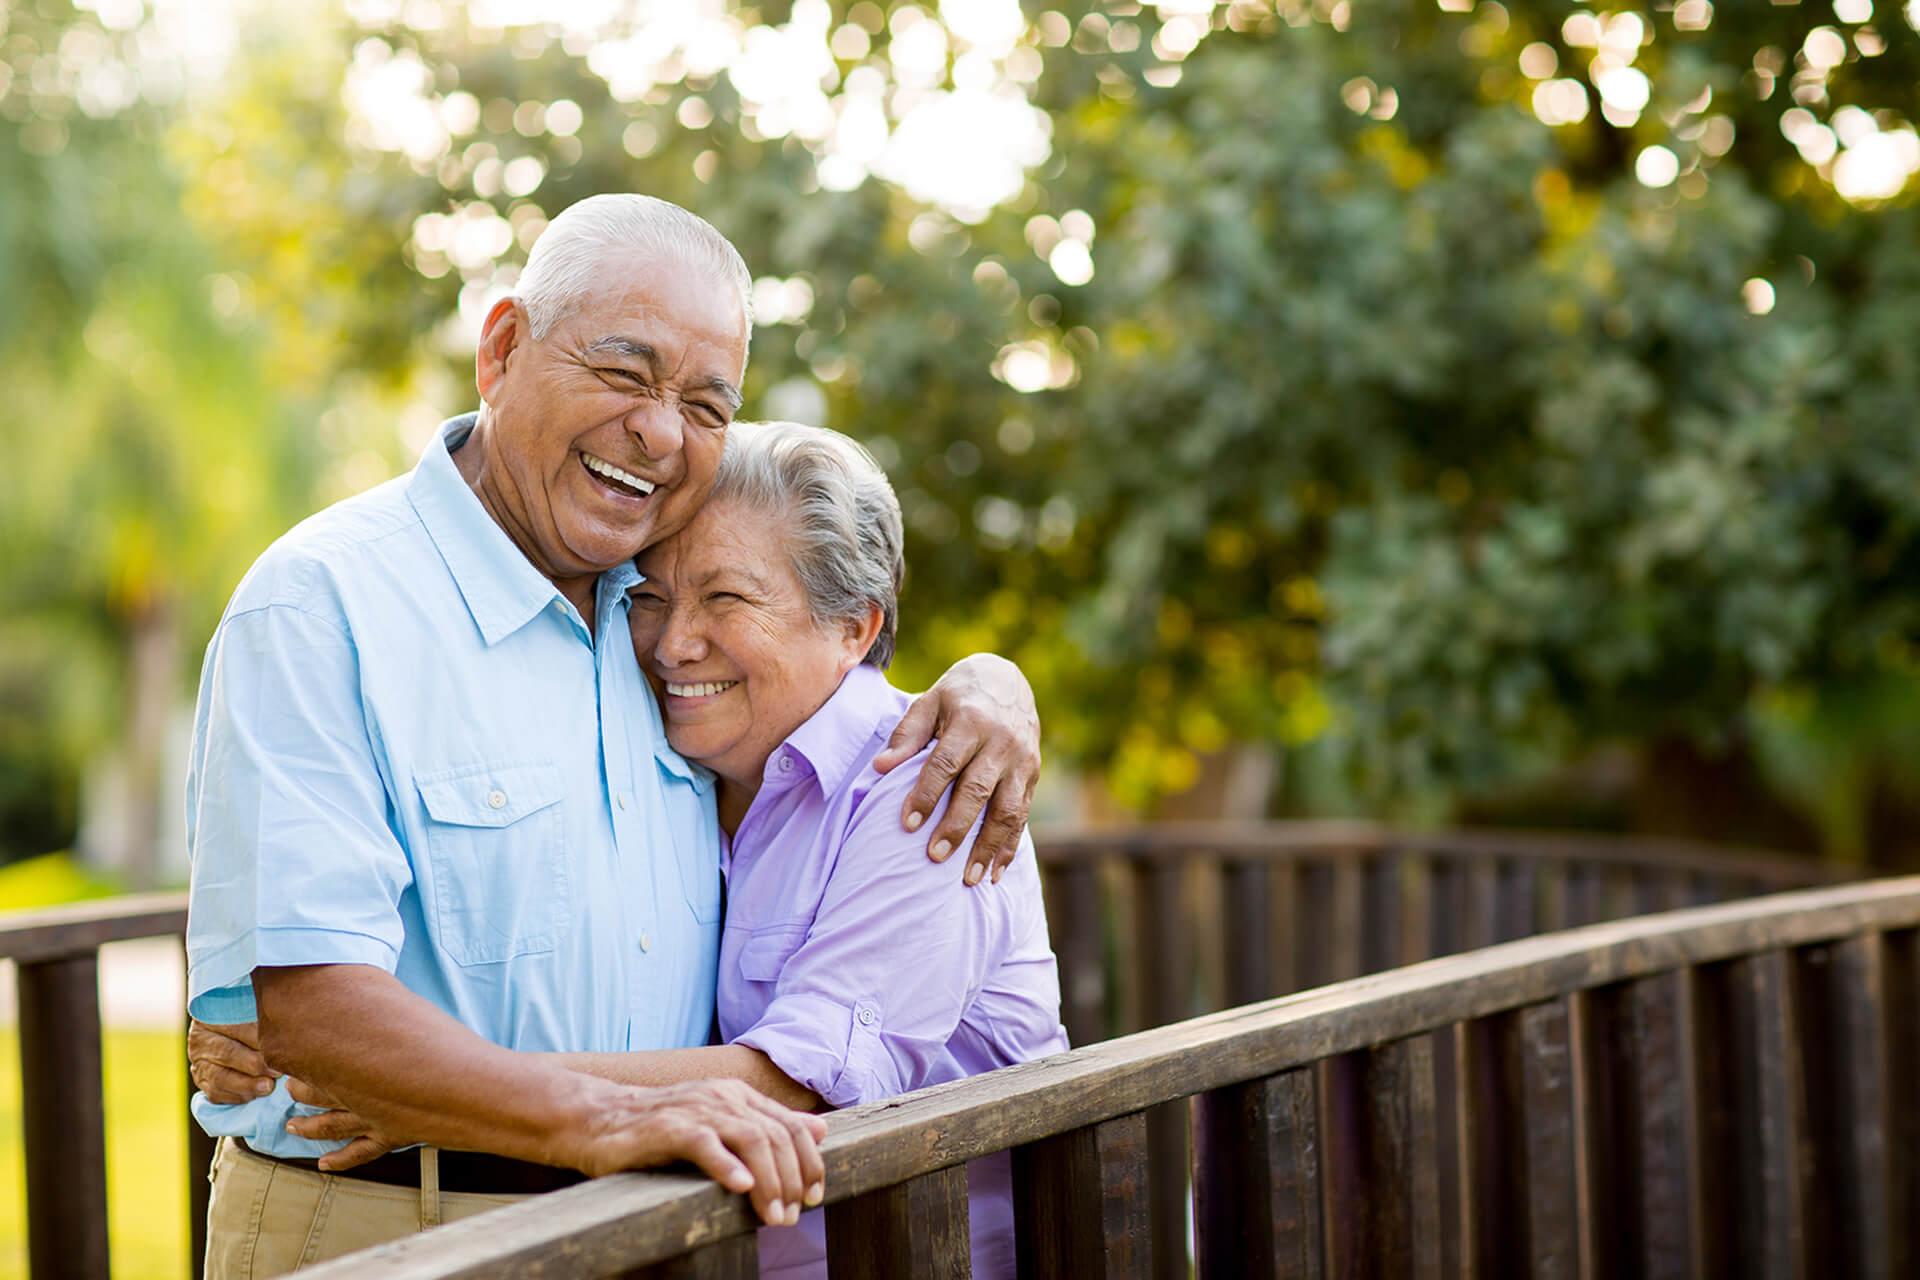 Хорош или плох пенсионный аннуитет